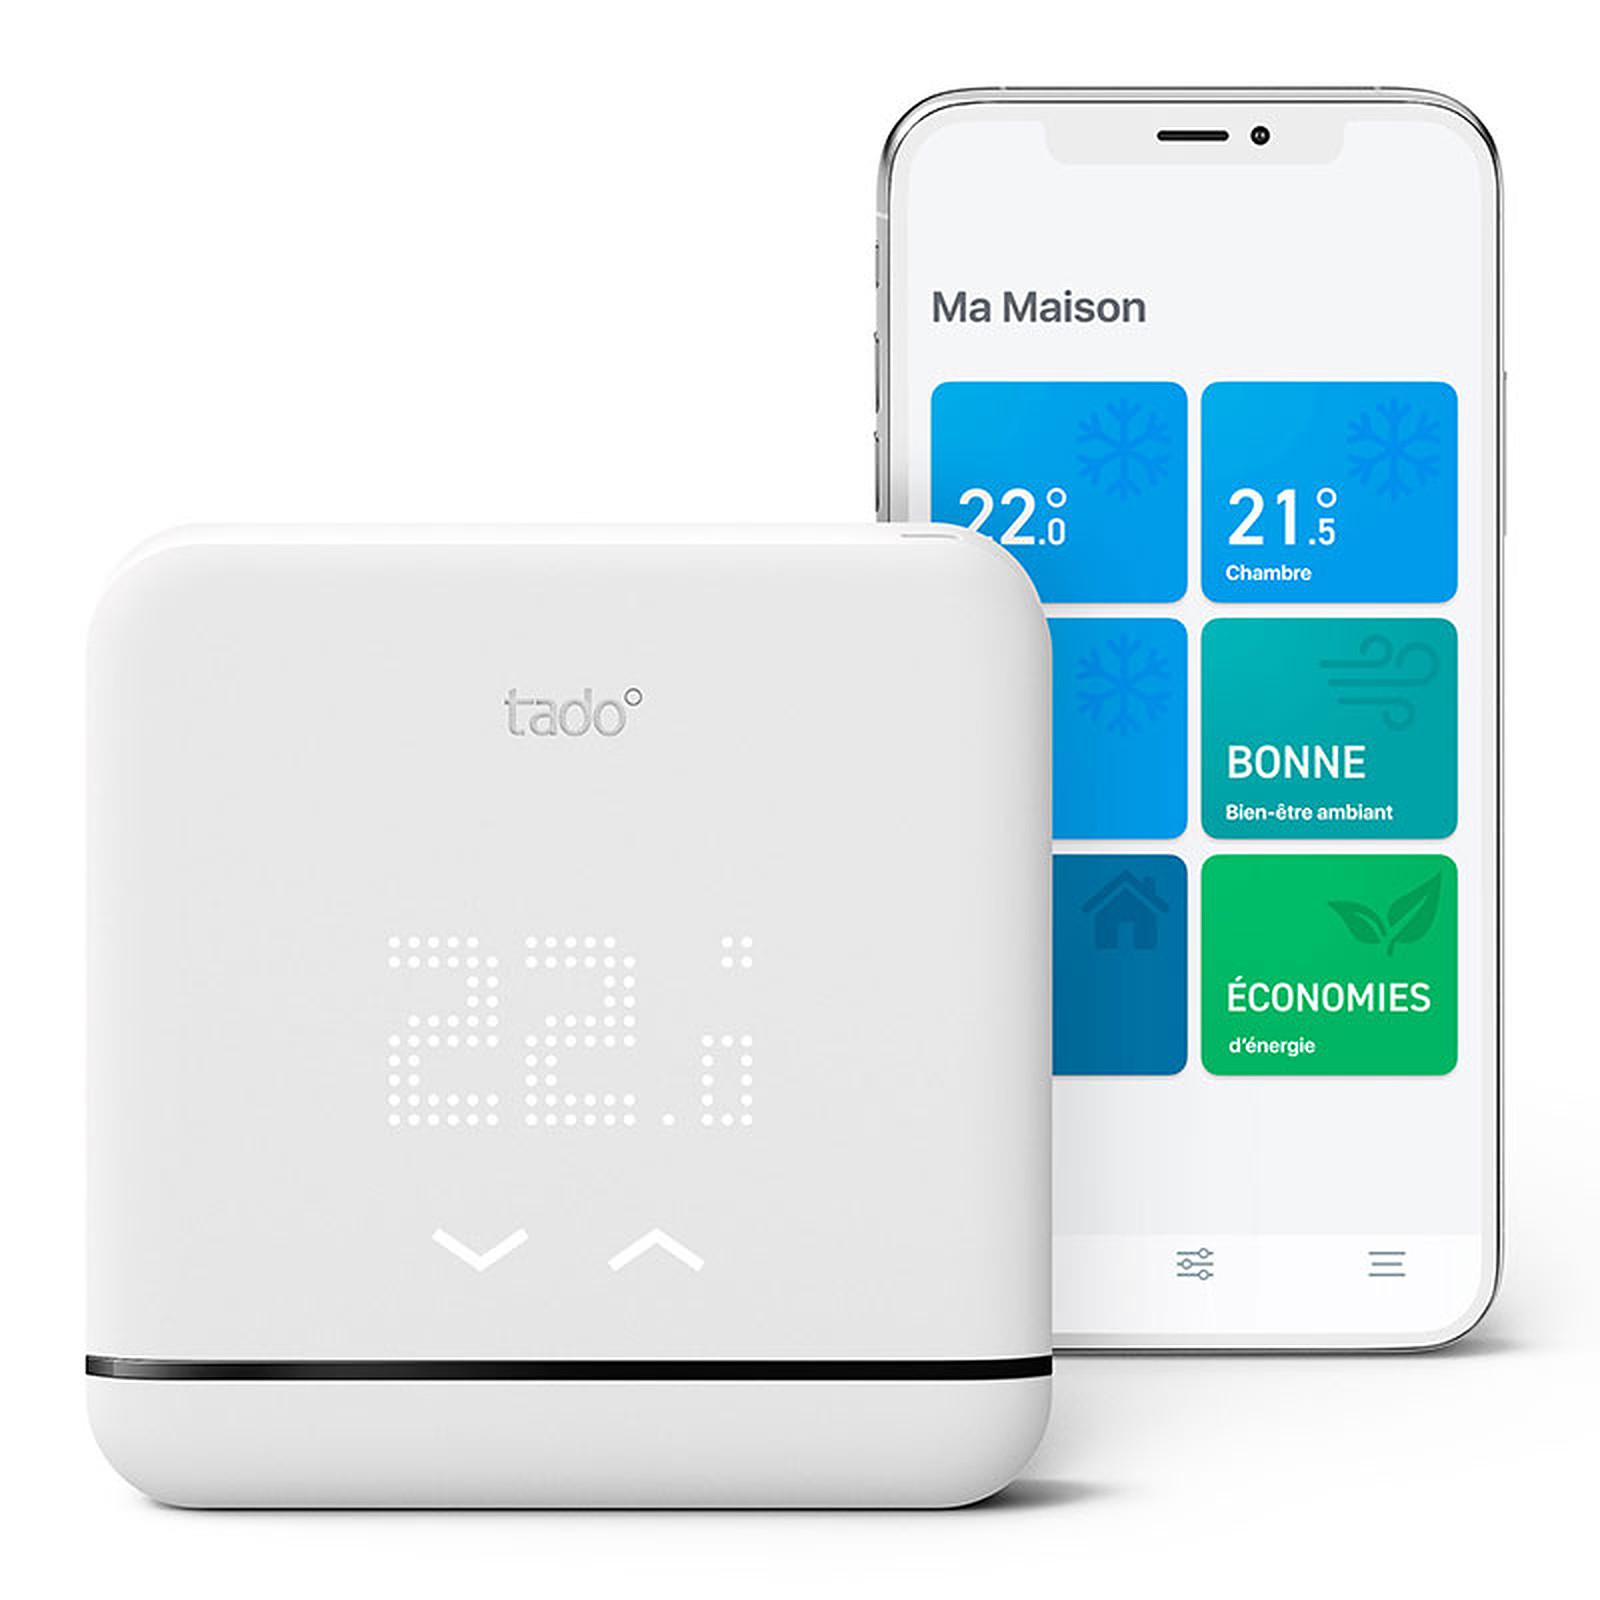 Tado Termostato inteligente para aire acondicionado V3+